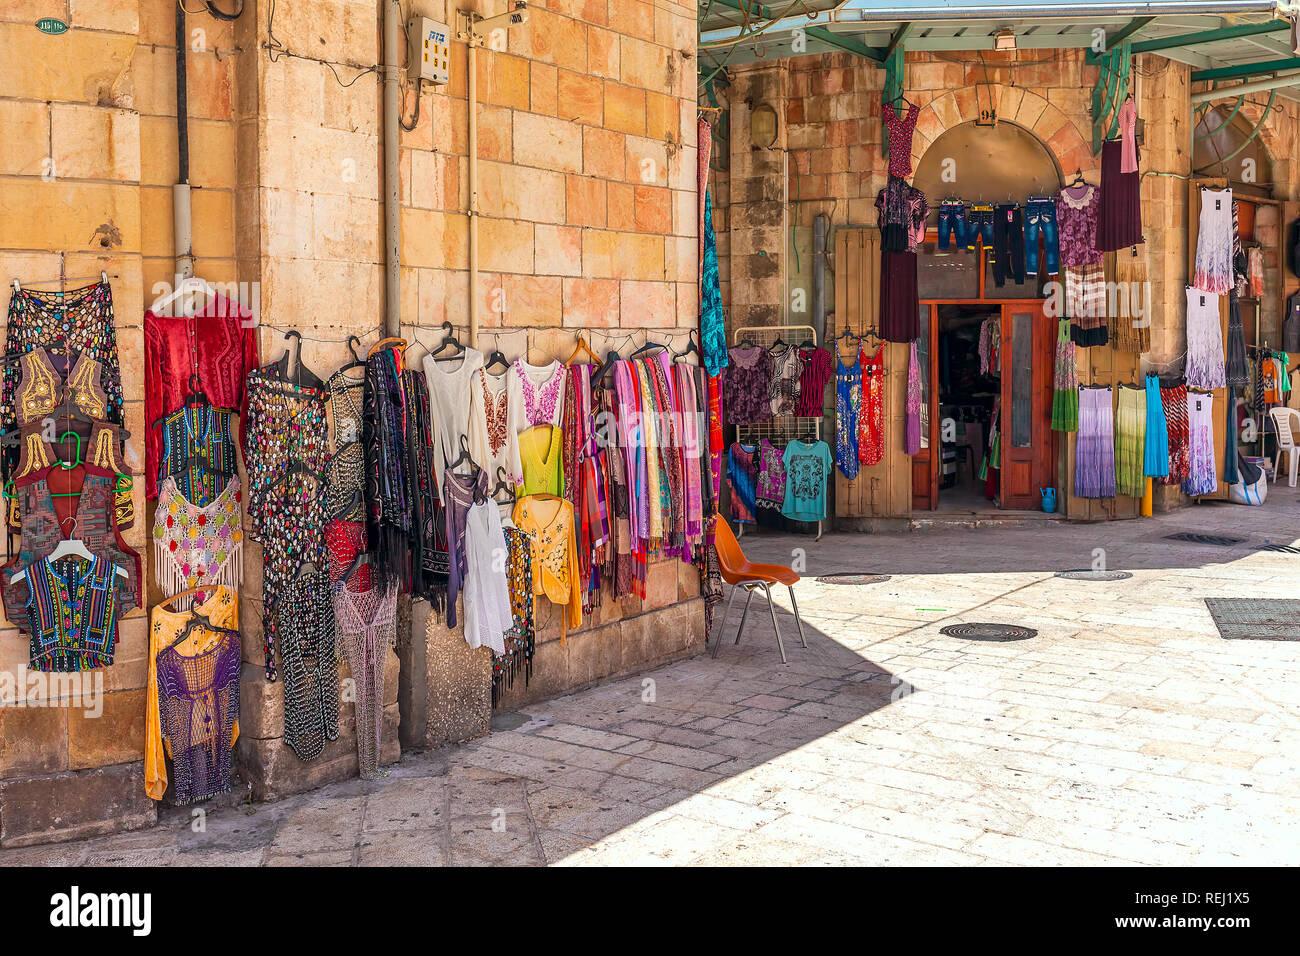 Colorido y una pequeña tienda de ropa en bazar - famoso mercado popular con  turistas y 53388775593